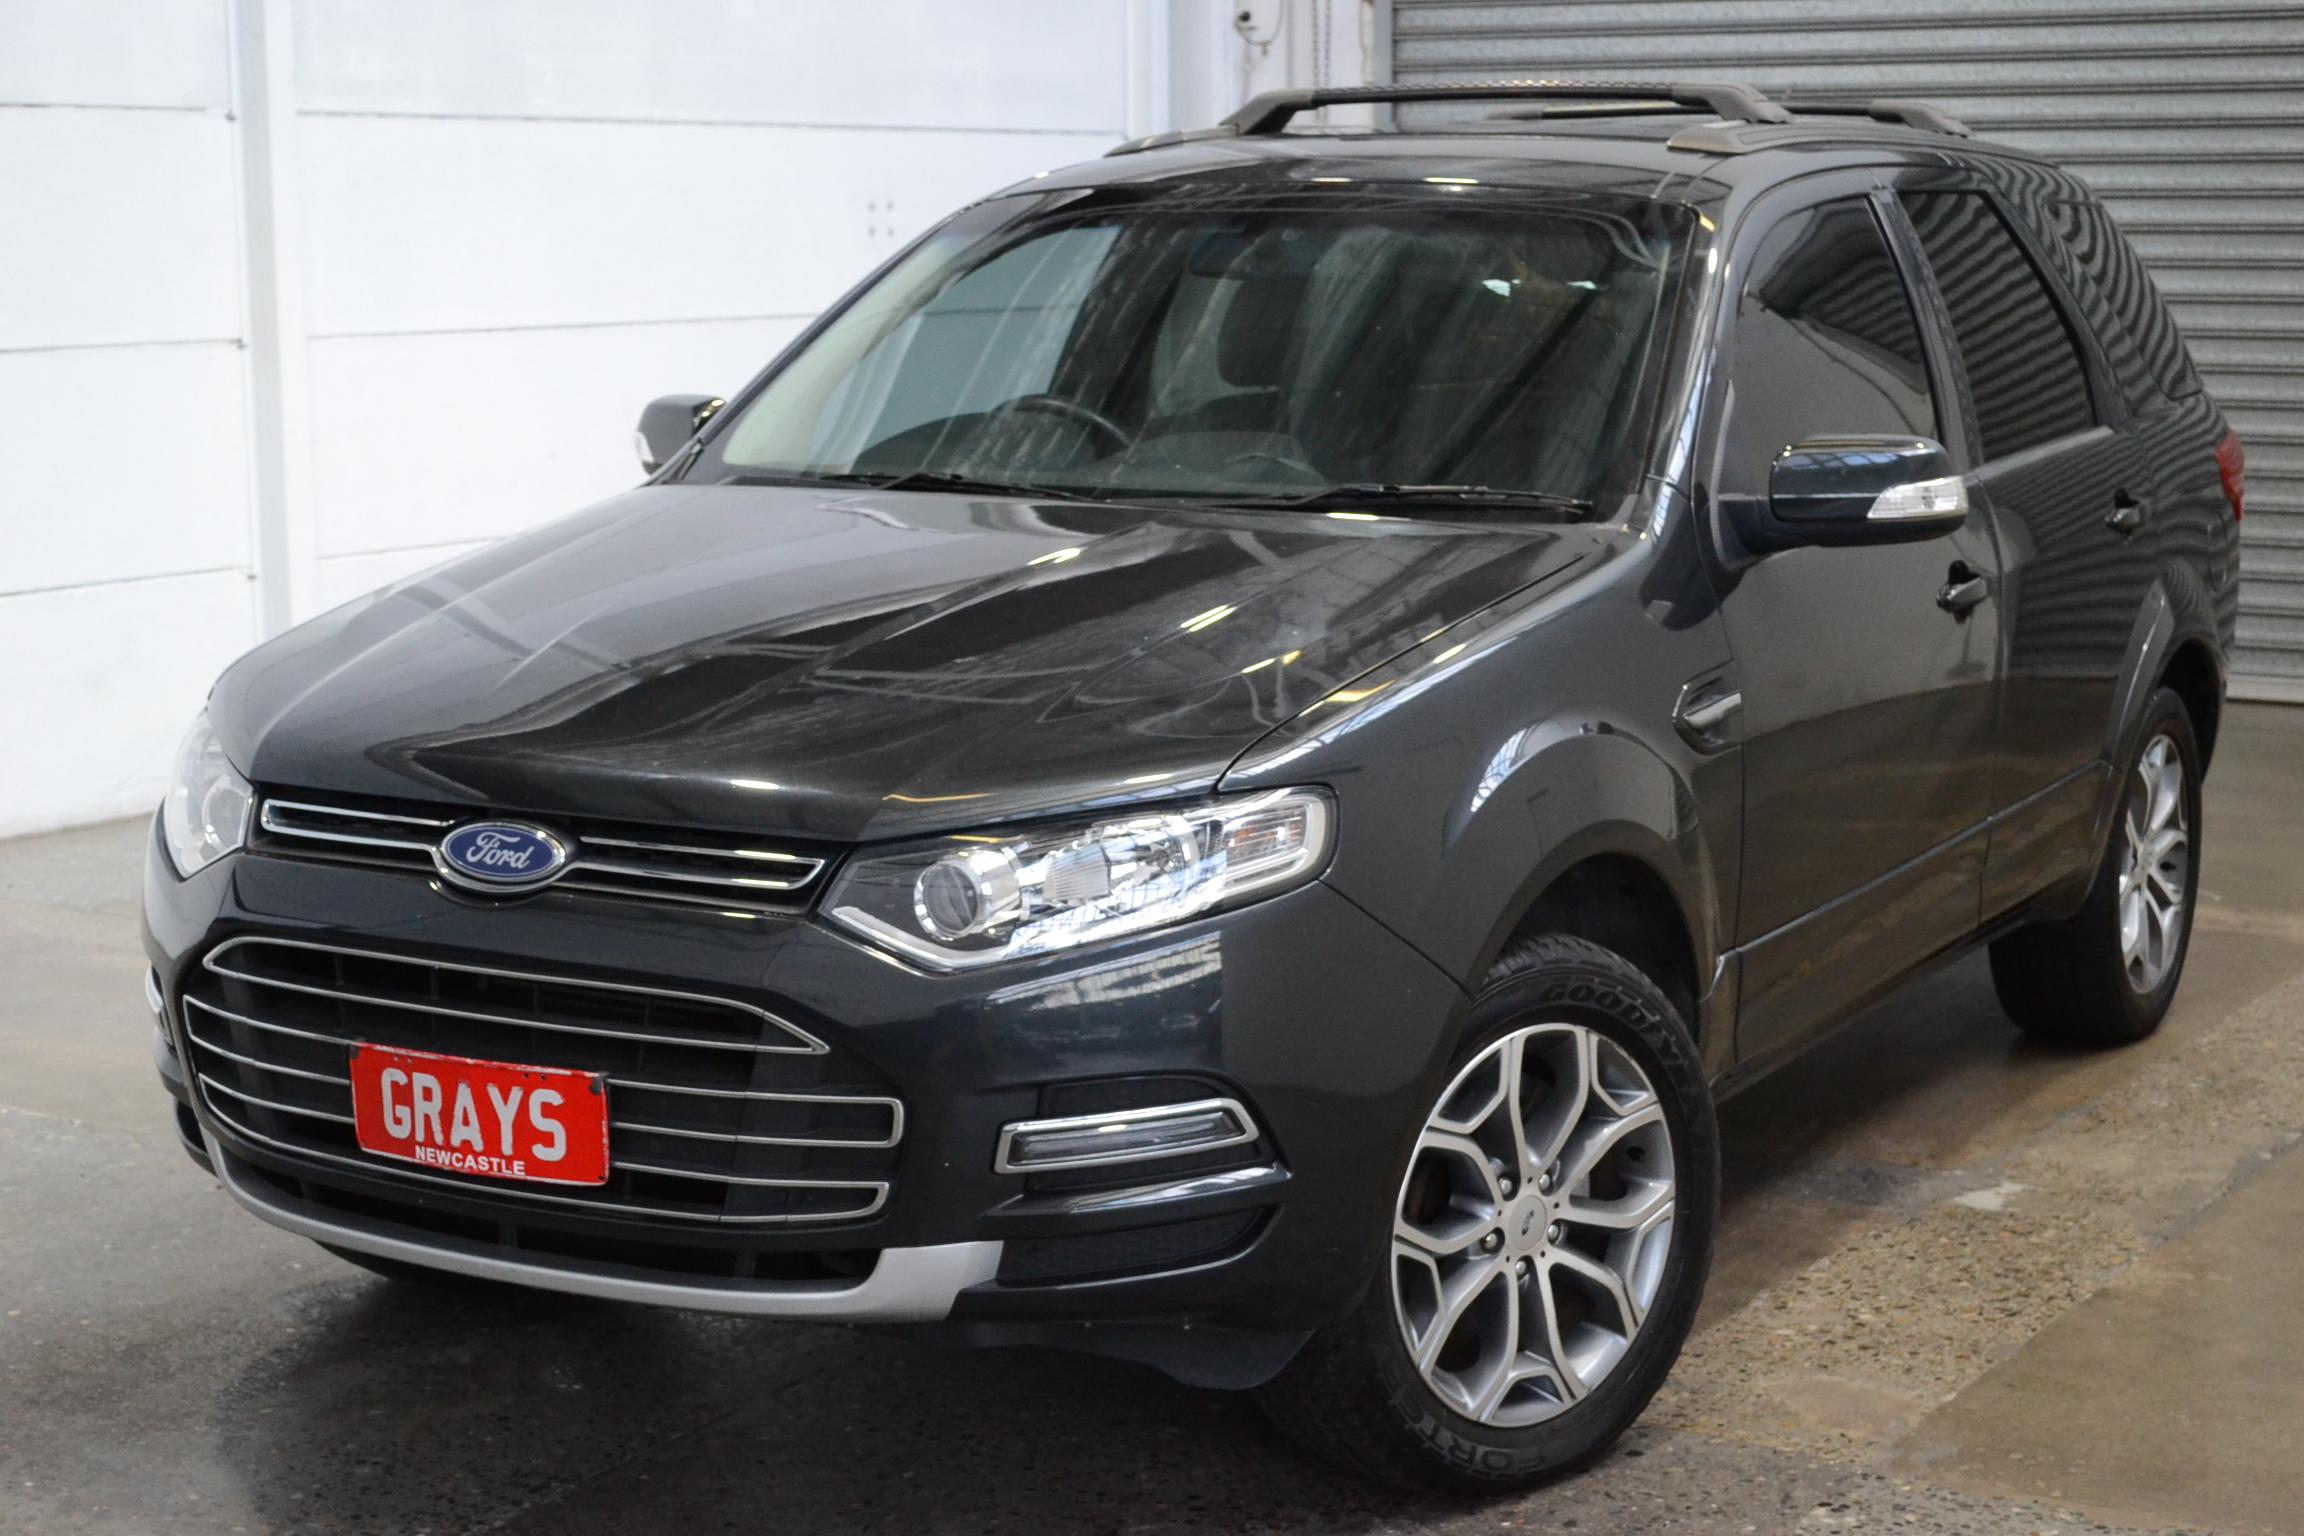 2013 Ford Territory Titanium (RWD) SZ Turbo Diesel Automatic 7 Seats Wagon